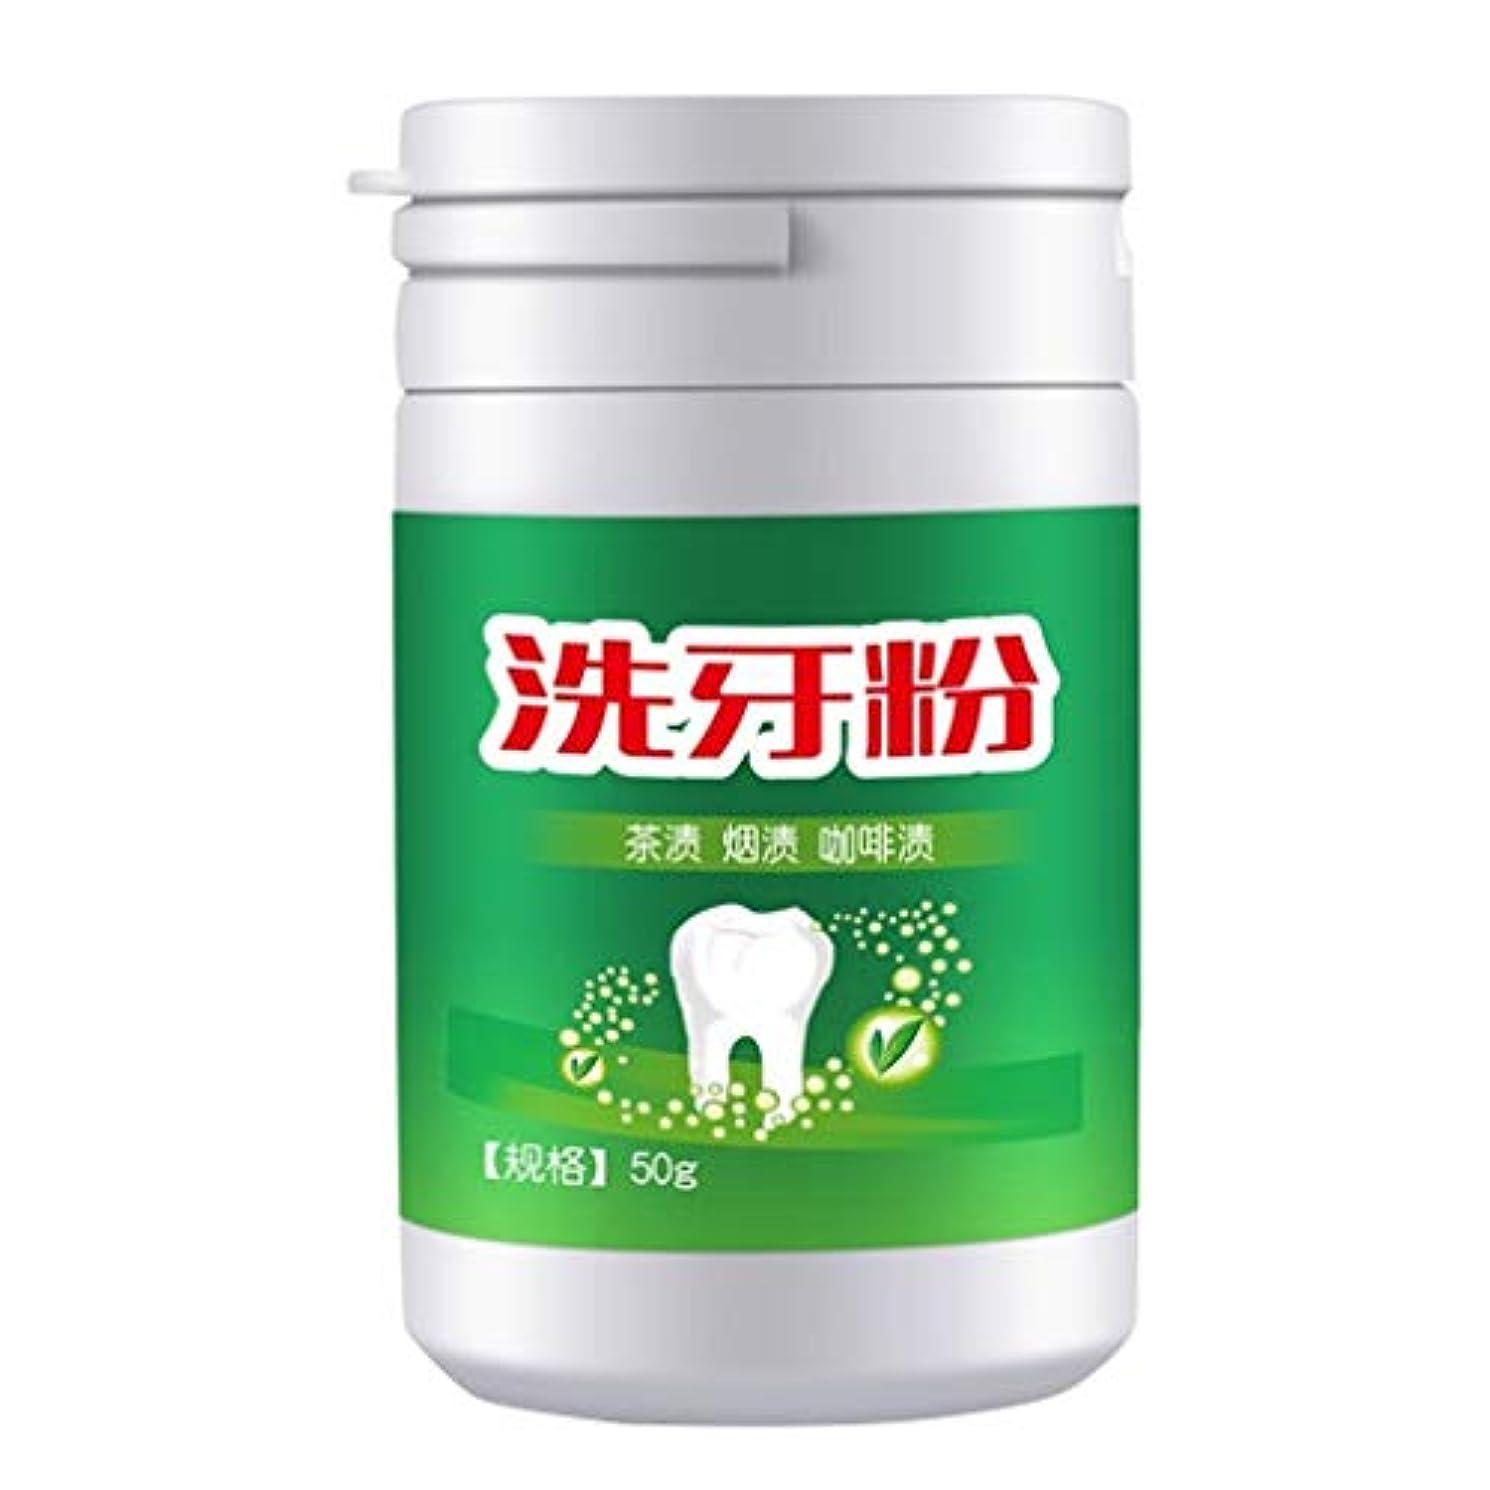 キャンディー取り付け不良品KOROWA 歯磨き粉 ステイン リムーバー 口腔衛生 ヘルス ケア ツール 喫煙を使用し 毎日イエロー ホワイトニング パウダープラーク